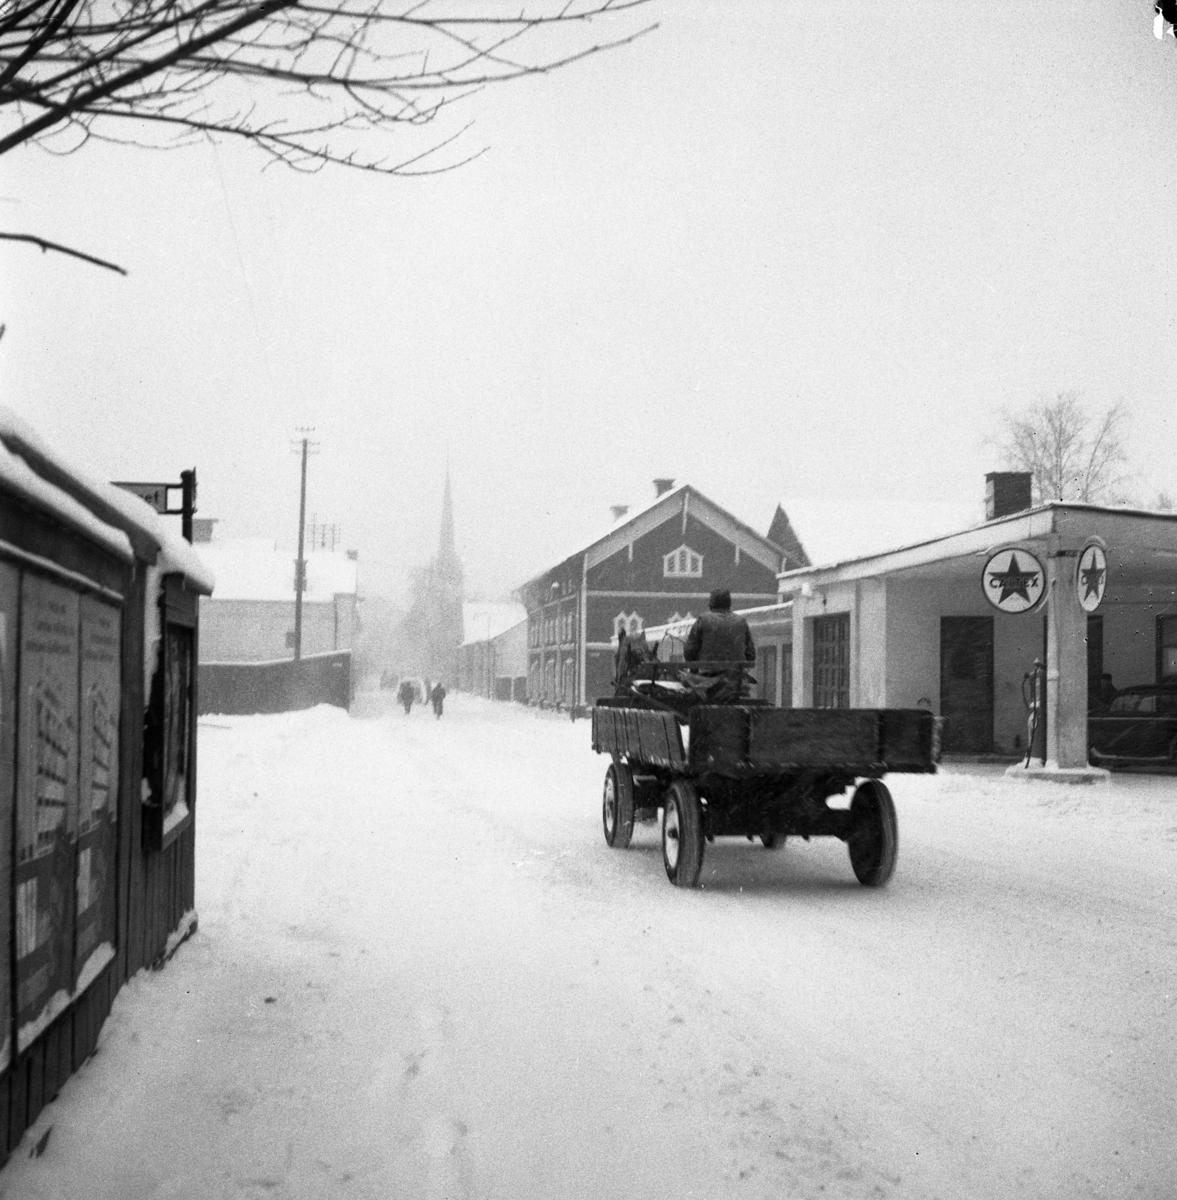 Östra Hamngatan i snöfall. En man kör med häst och kärra förbi Texacos bensinstation. På höger sida ses hamnmagasin. I bakgrunden kan man skönja Heliga Trefaldighetskyrkan.